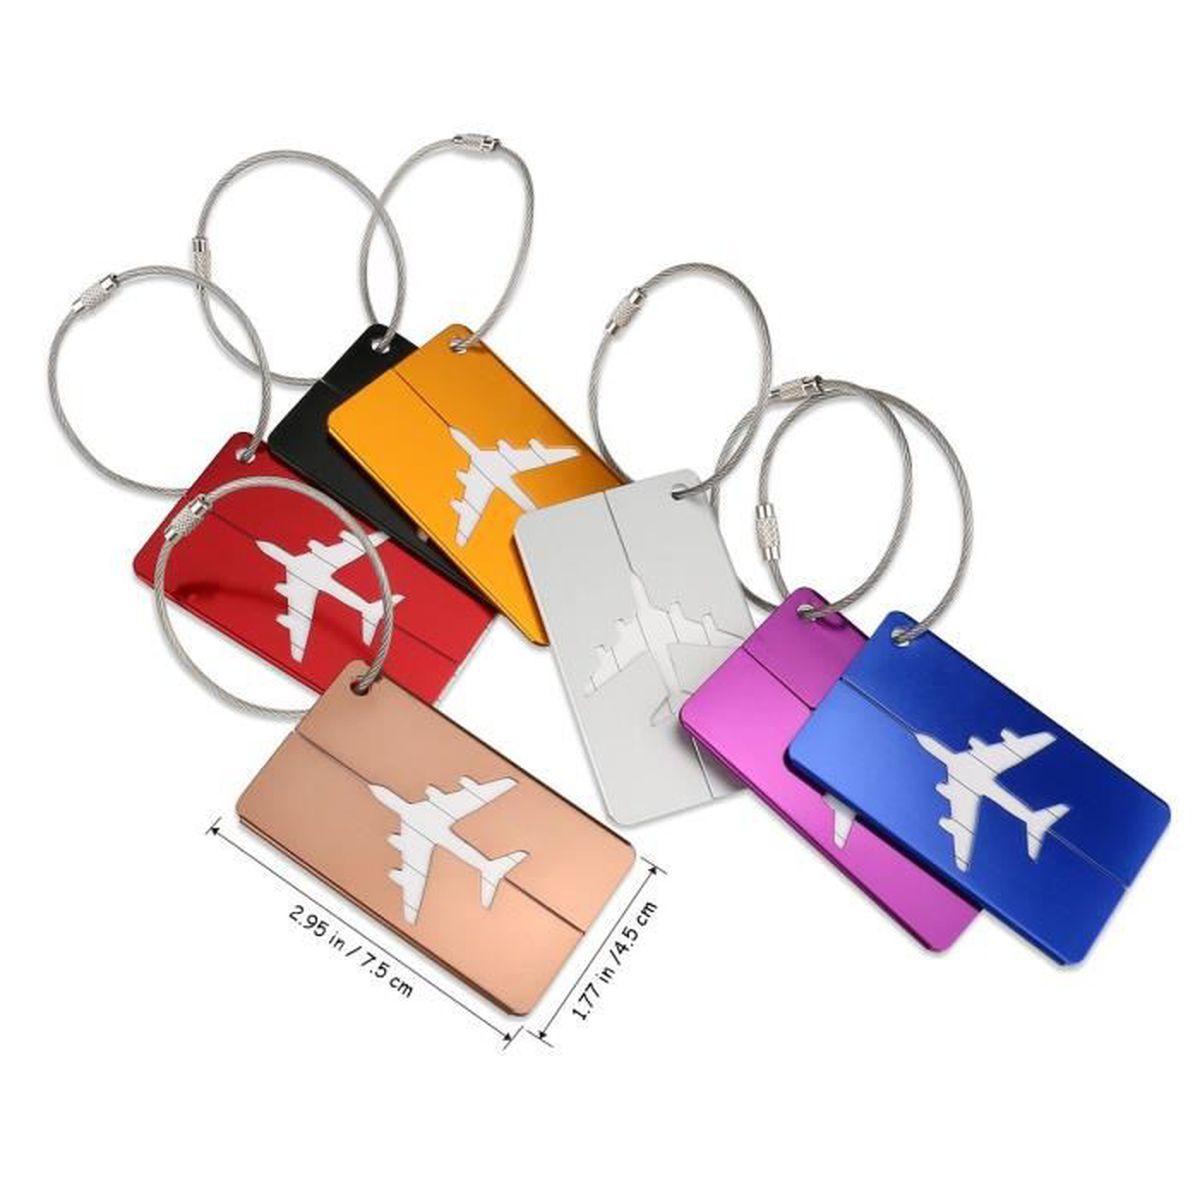 7418b438cb 7 couleurs étiquettes portables aluminium avion modèle voyage bagages sac à  main Tag accessoires voyage